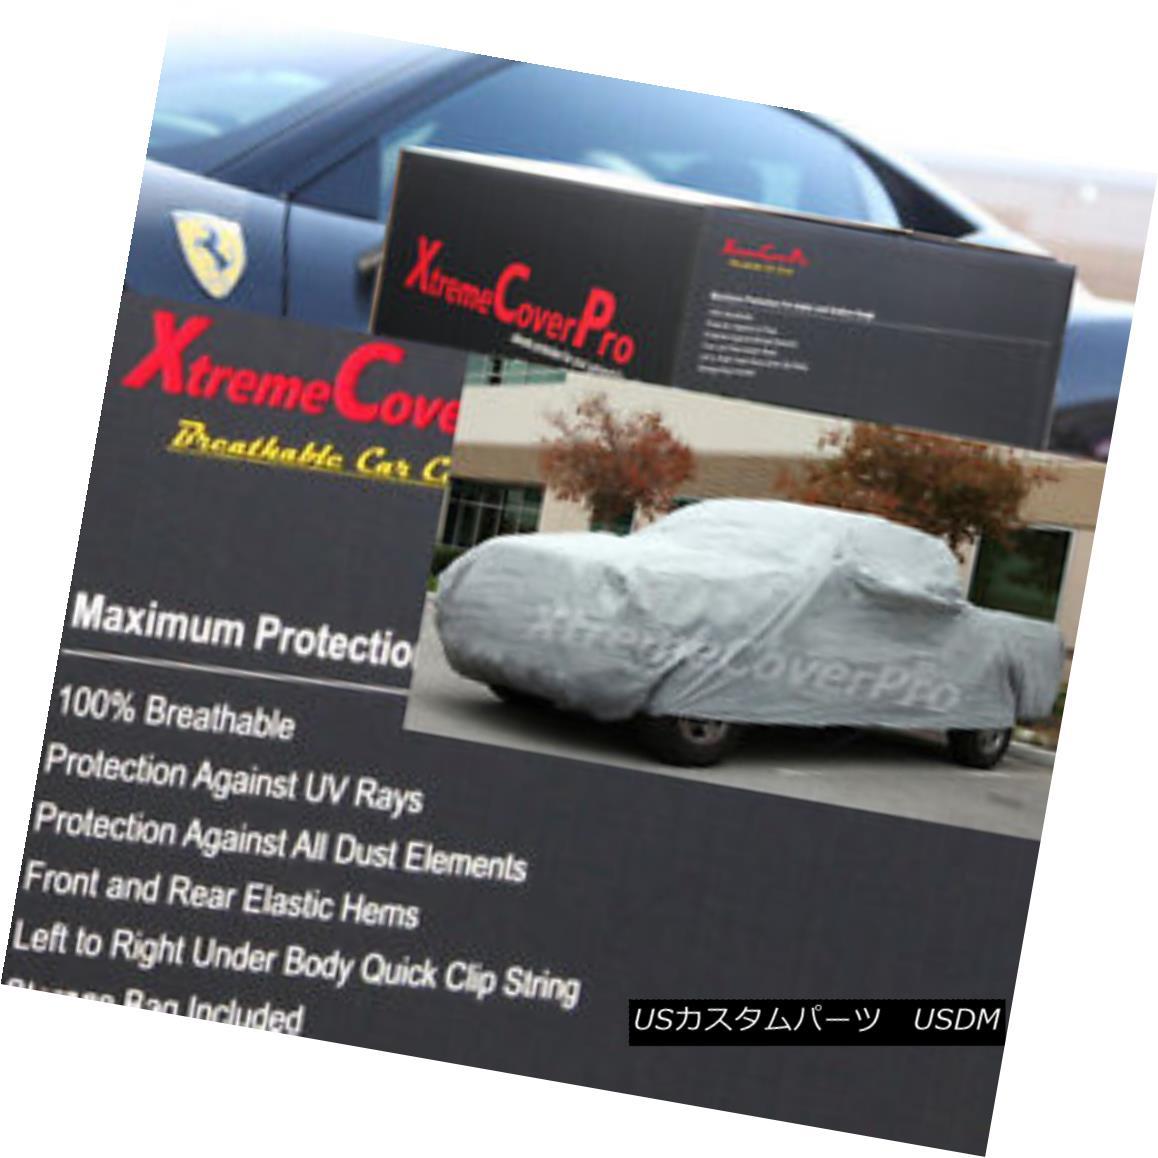 カーカバー 1998 1999 2000 2001 2002 Dodge Ram 3500 Quad Cab 8ft Bed Breathable Truck Cover 1998 1999 2000 2001 2002 Dodge Ram 3500クワッドキャブ8ftベッド通気性トラックカバー